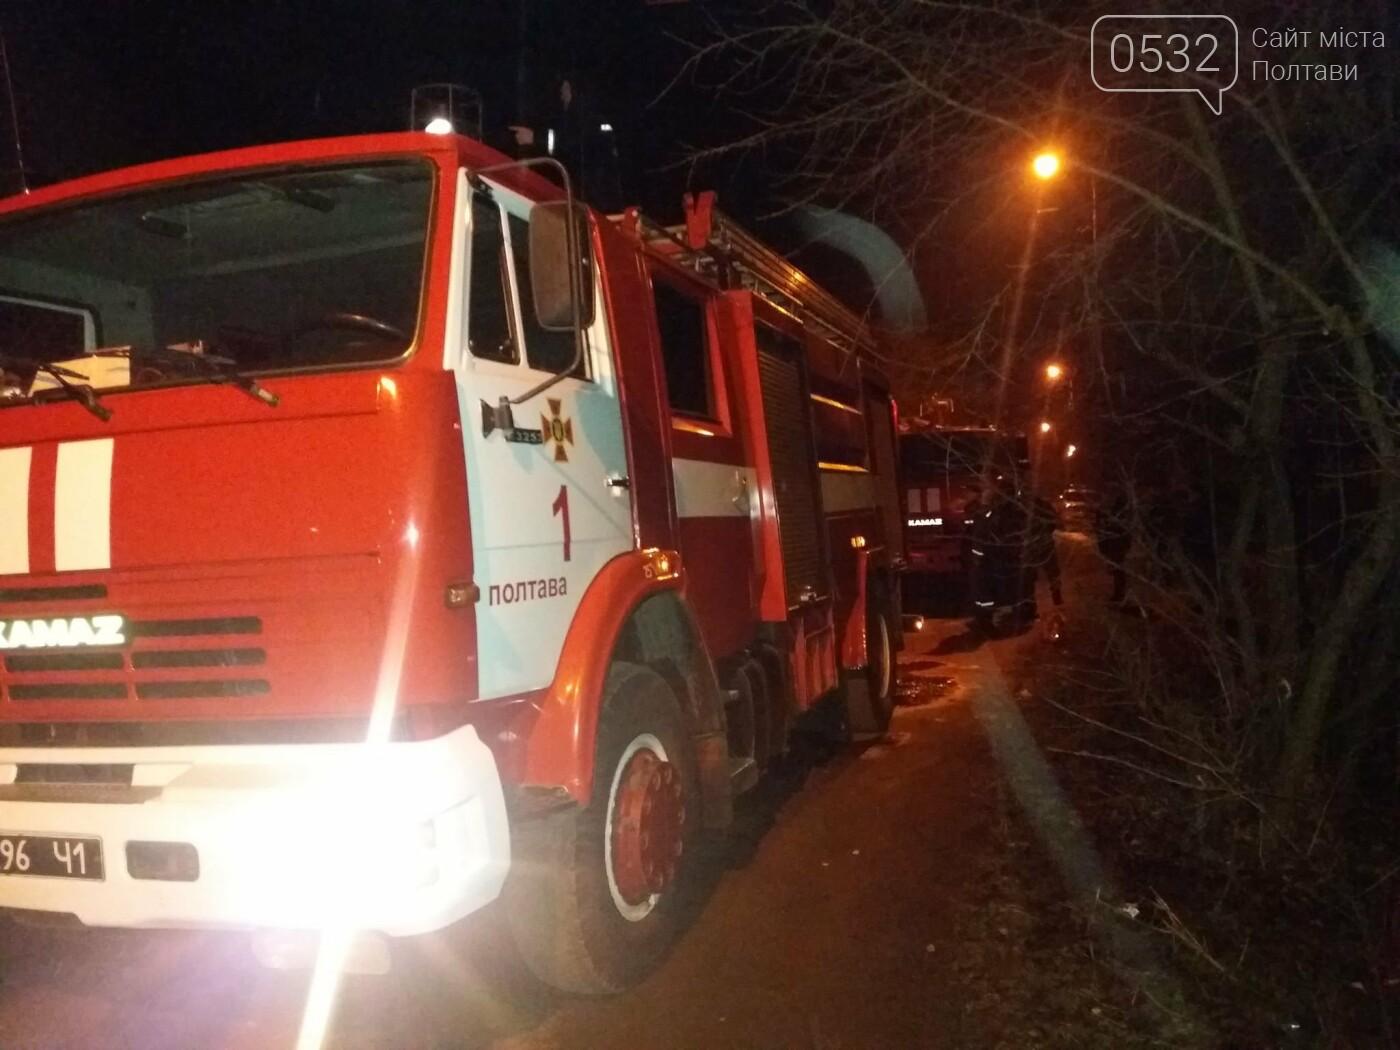 Вночі у Полтаві сталася пожежа у приватному секторі, фото-3